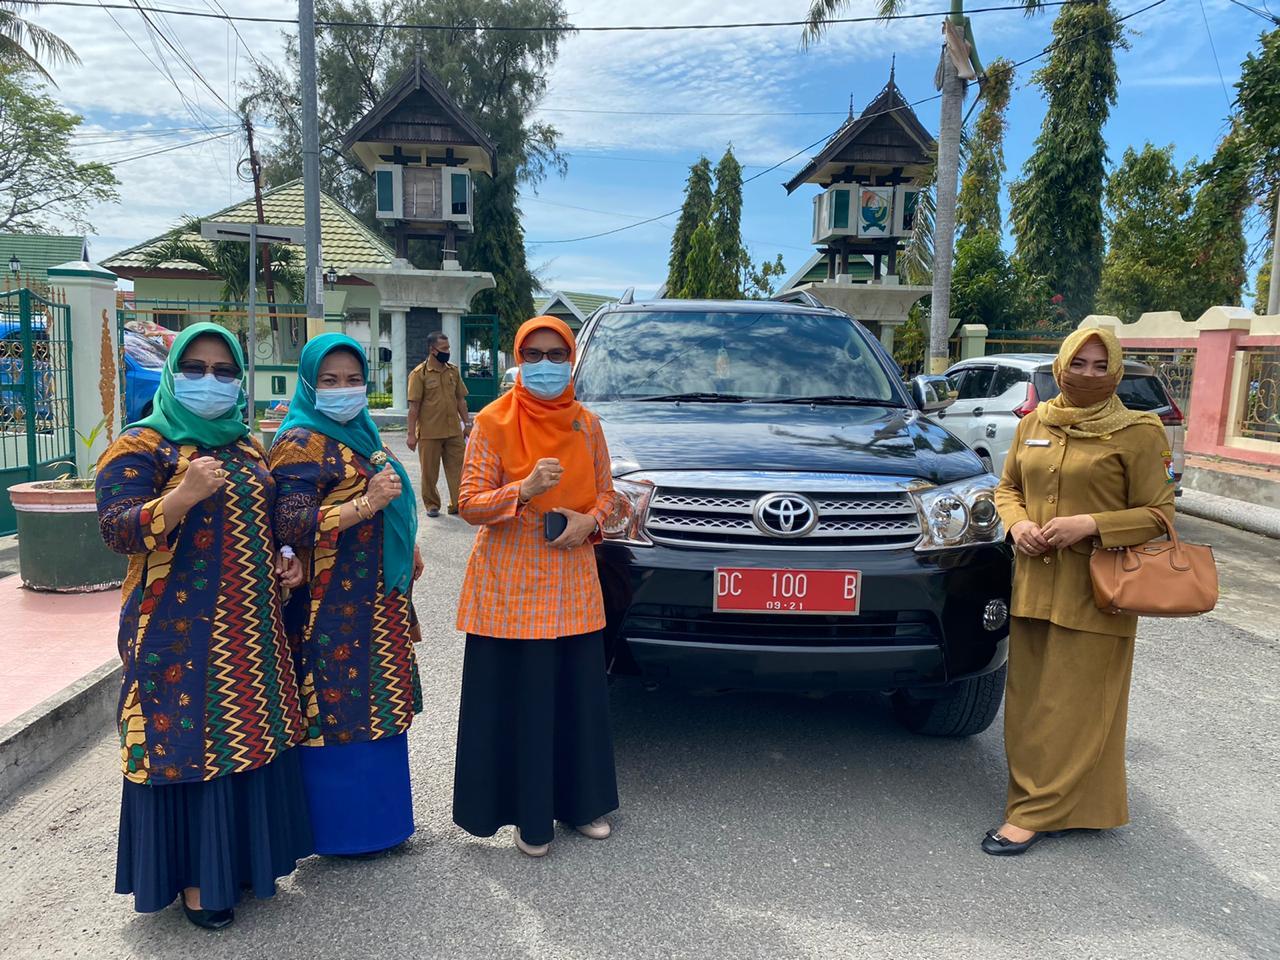 img Ini Klarifikasi Mobil Plat Merah Dituding Digunakan Bagi-bagi Sembako oleh Salah Satu Paslon